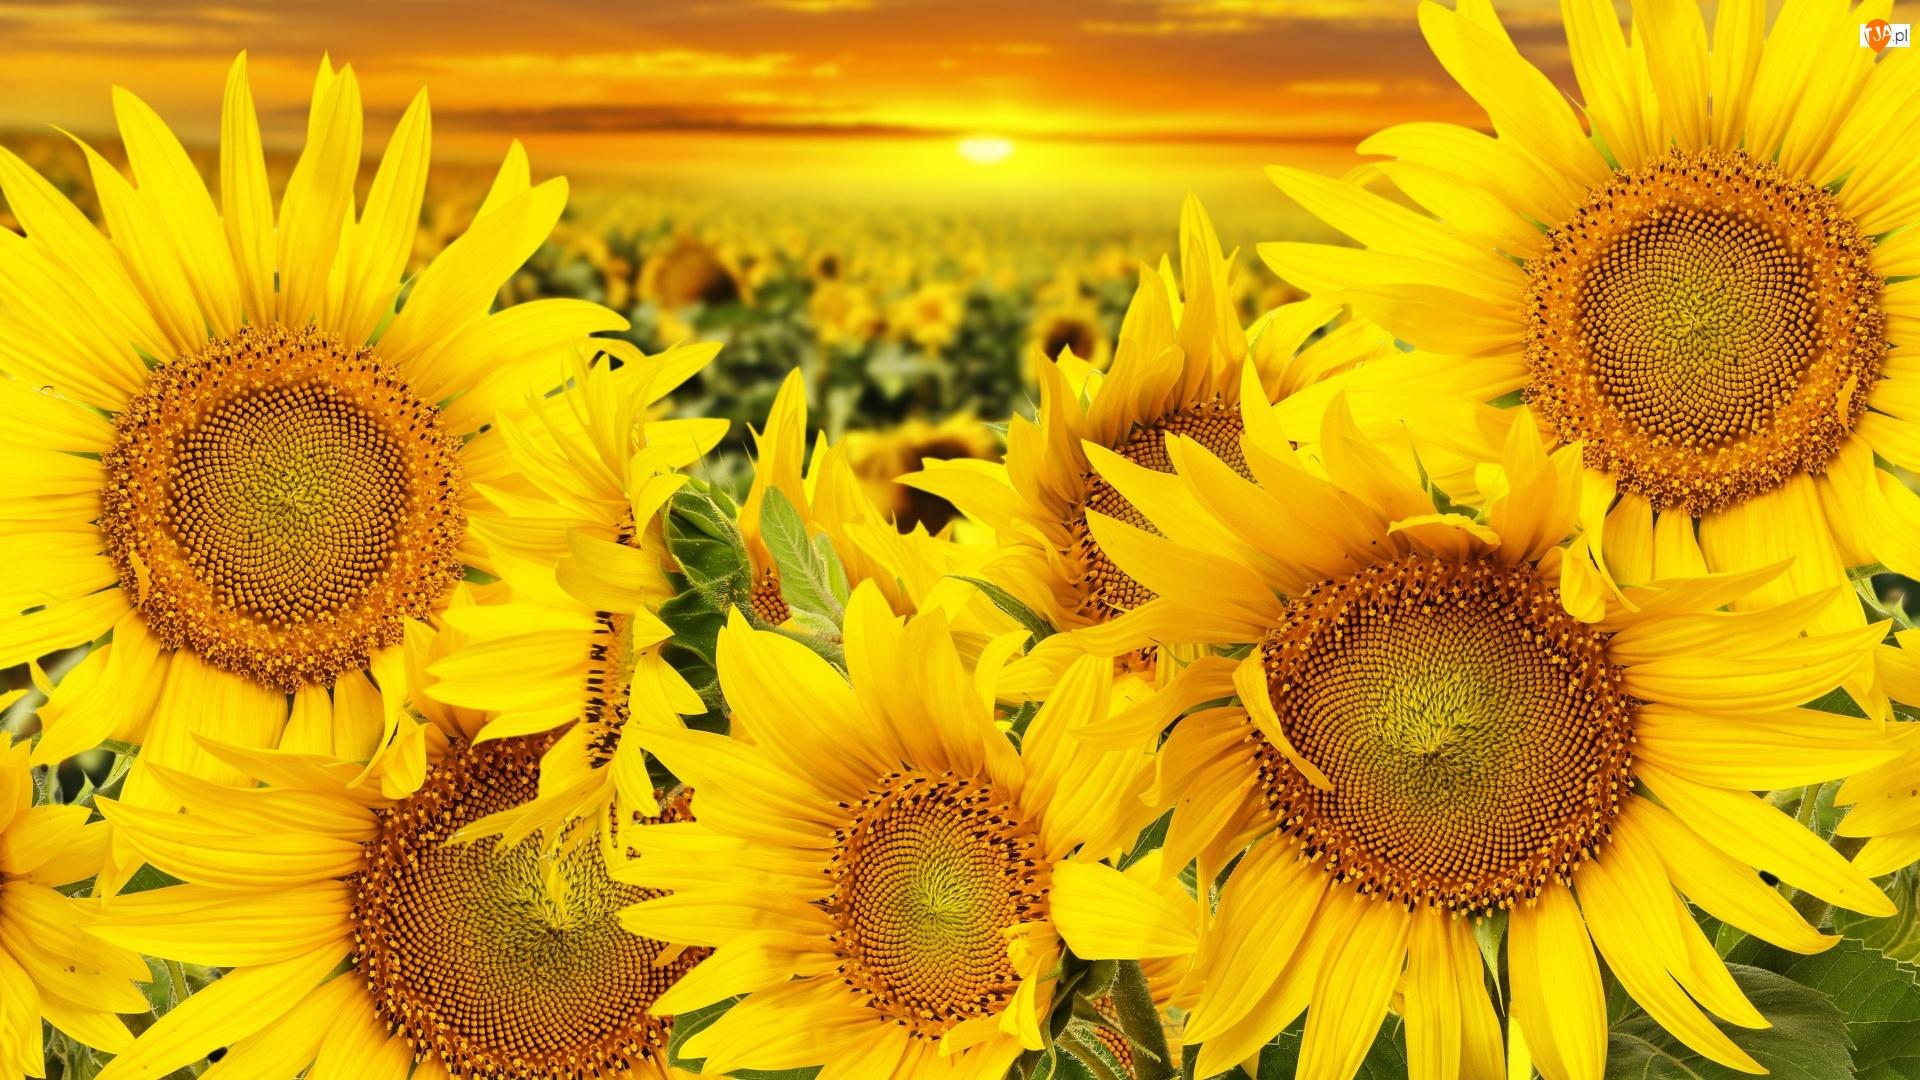 Zachód słońca, Słoneczniki, Kwiaty, Żółte